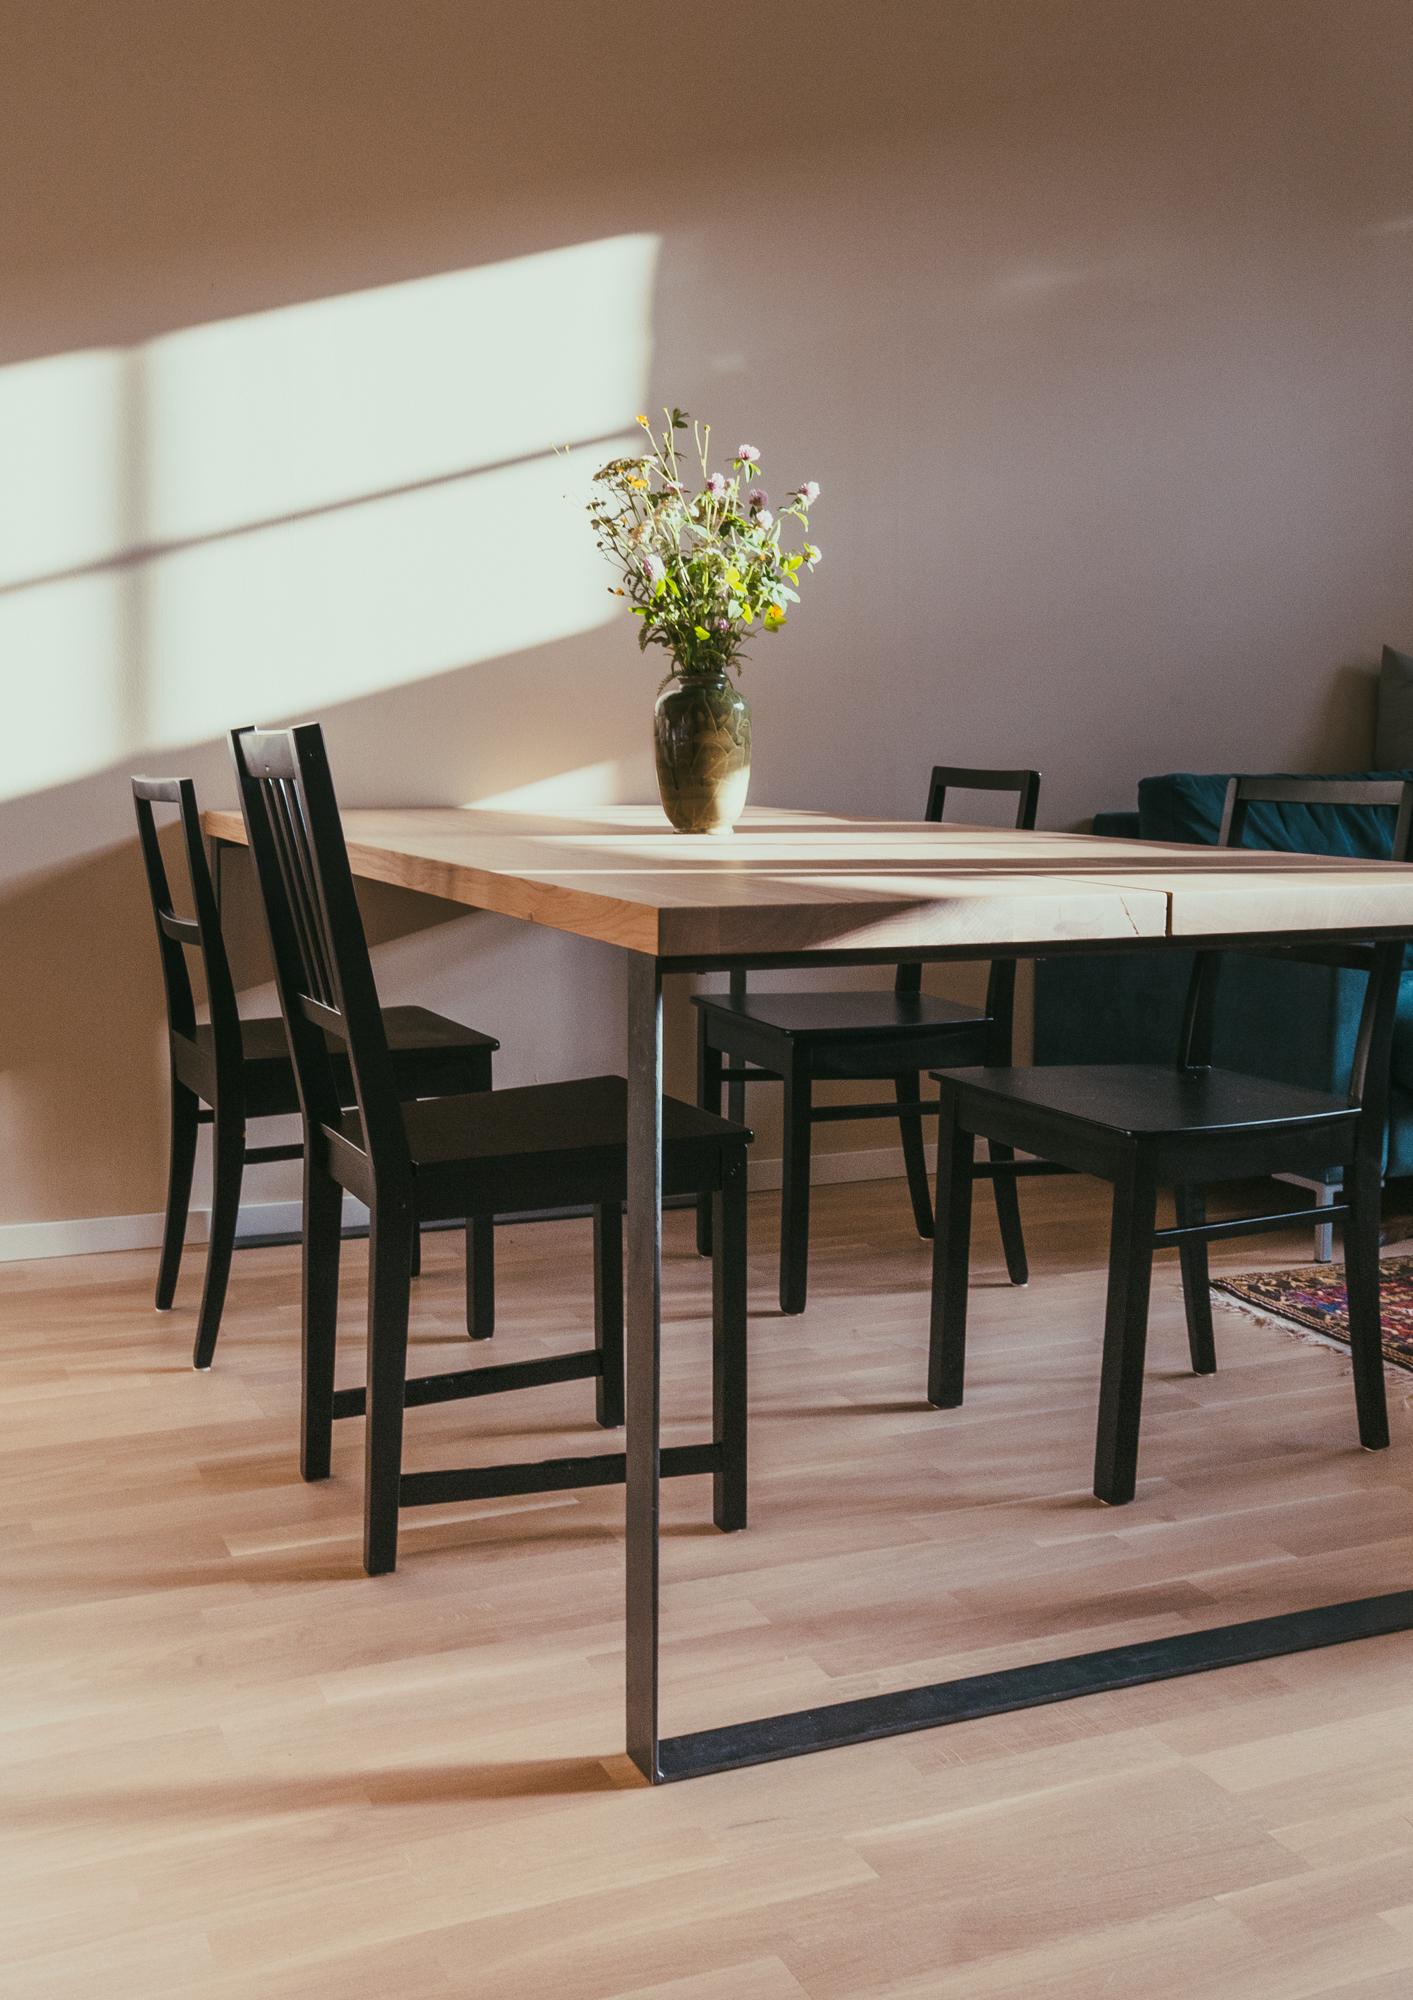 Pöydän kansi on tehty kahdesta tammilevystä, jotta suuren pöydän ilme pysyy keveämpänä.